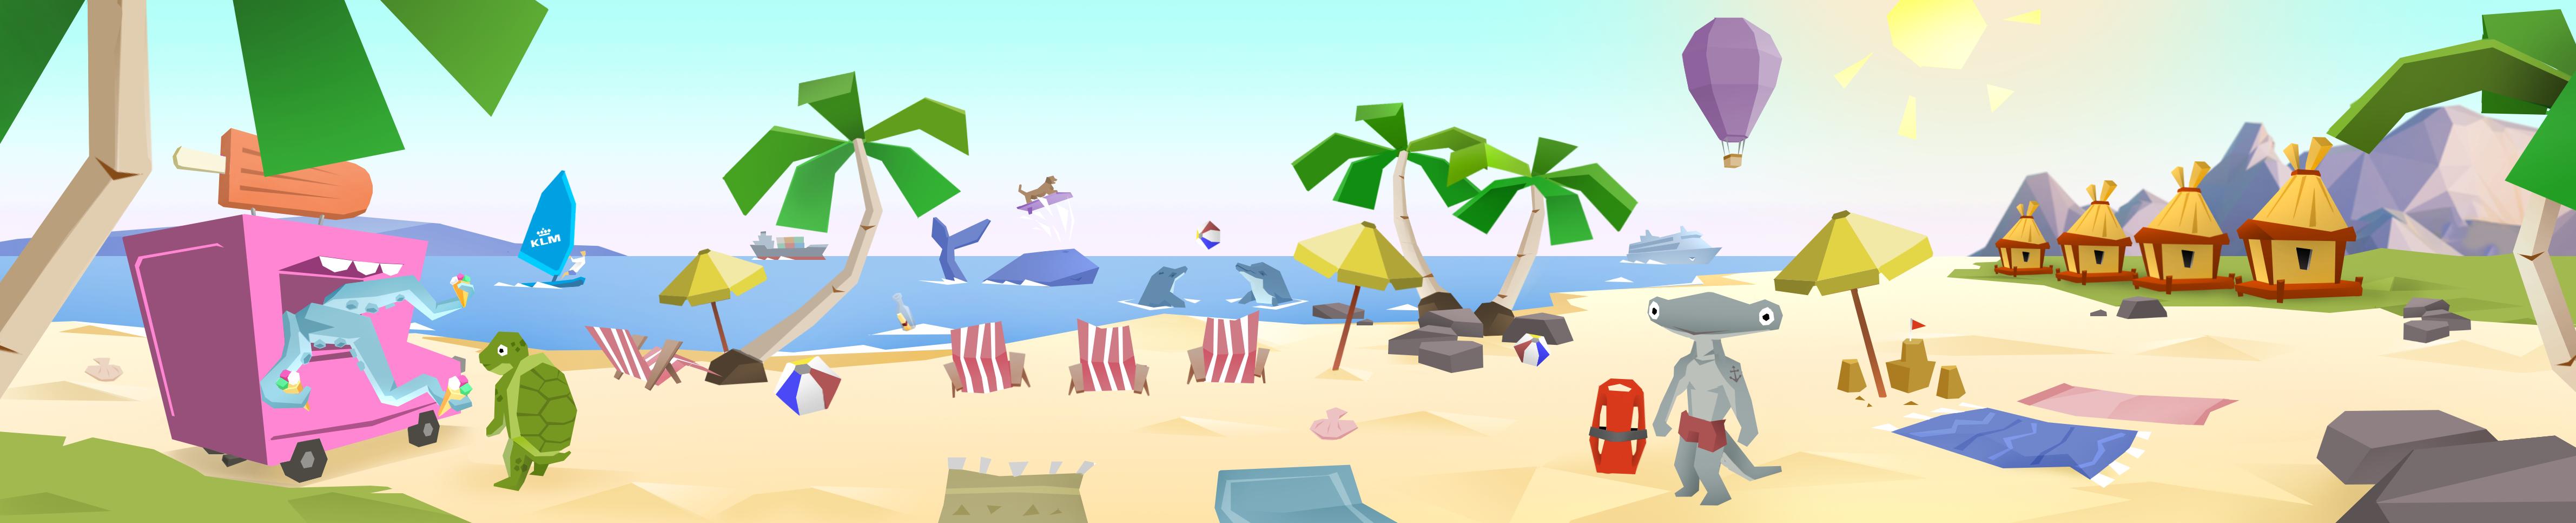 KLM_360_beach_preferred